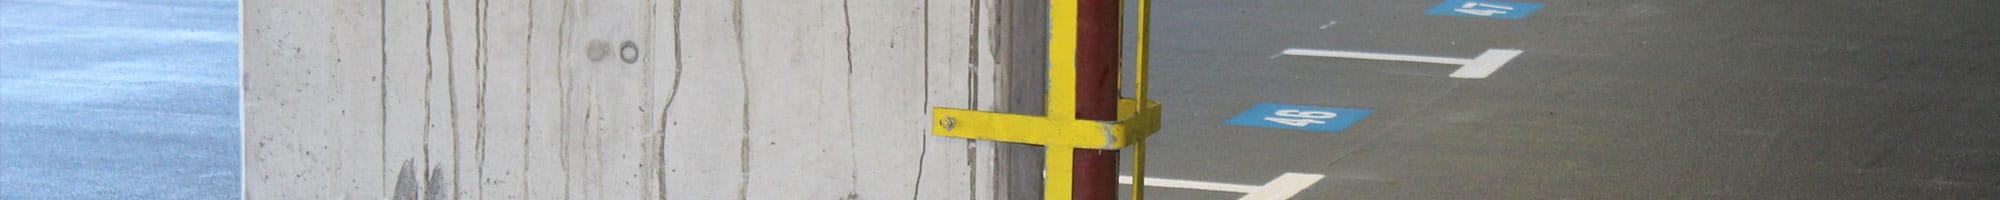 Cemplas - Banner - Testimonials - Image 2